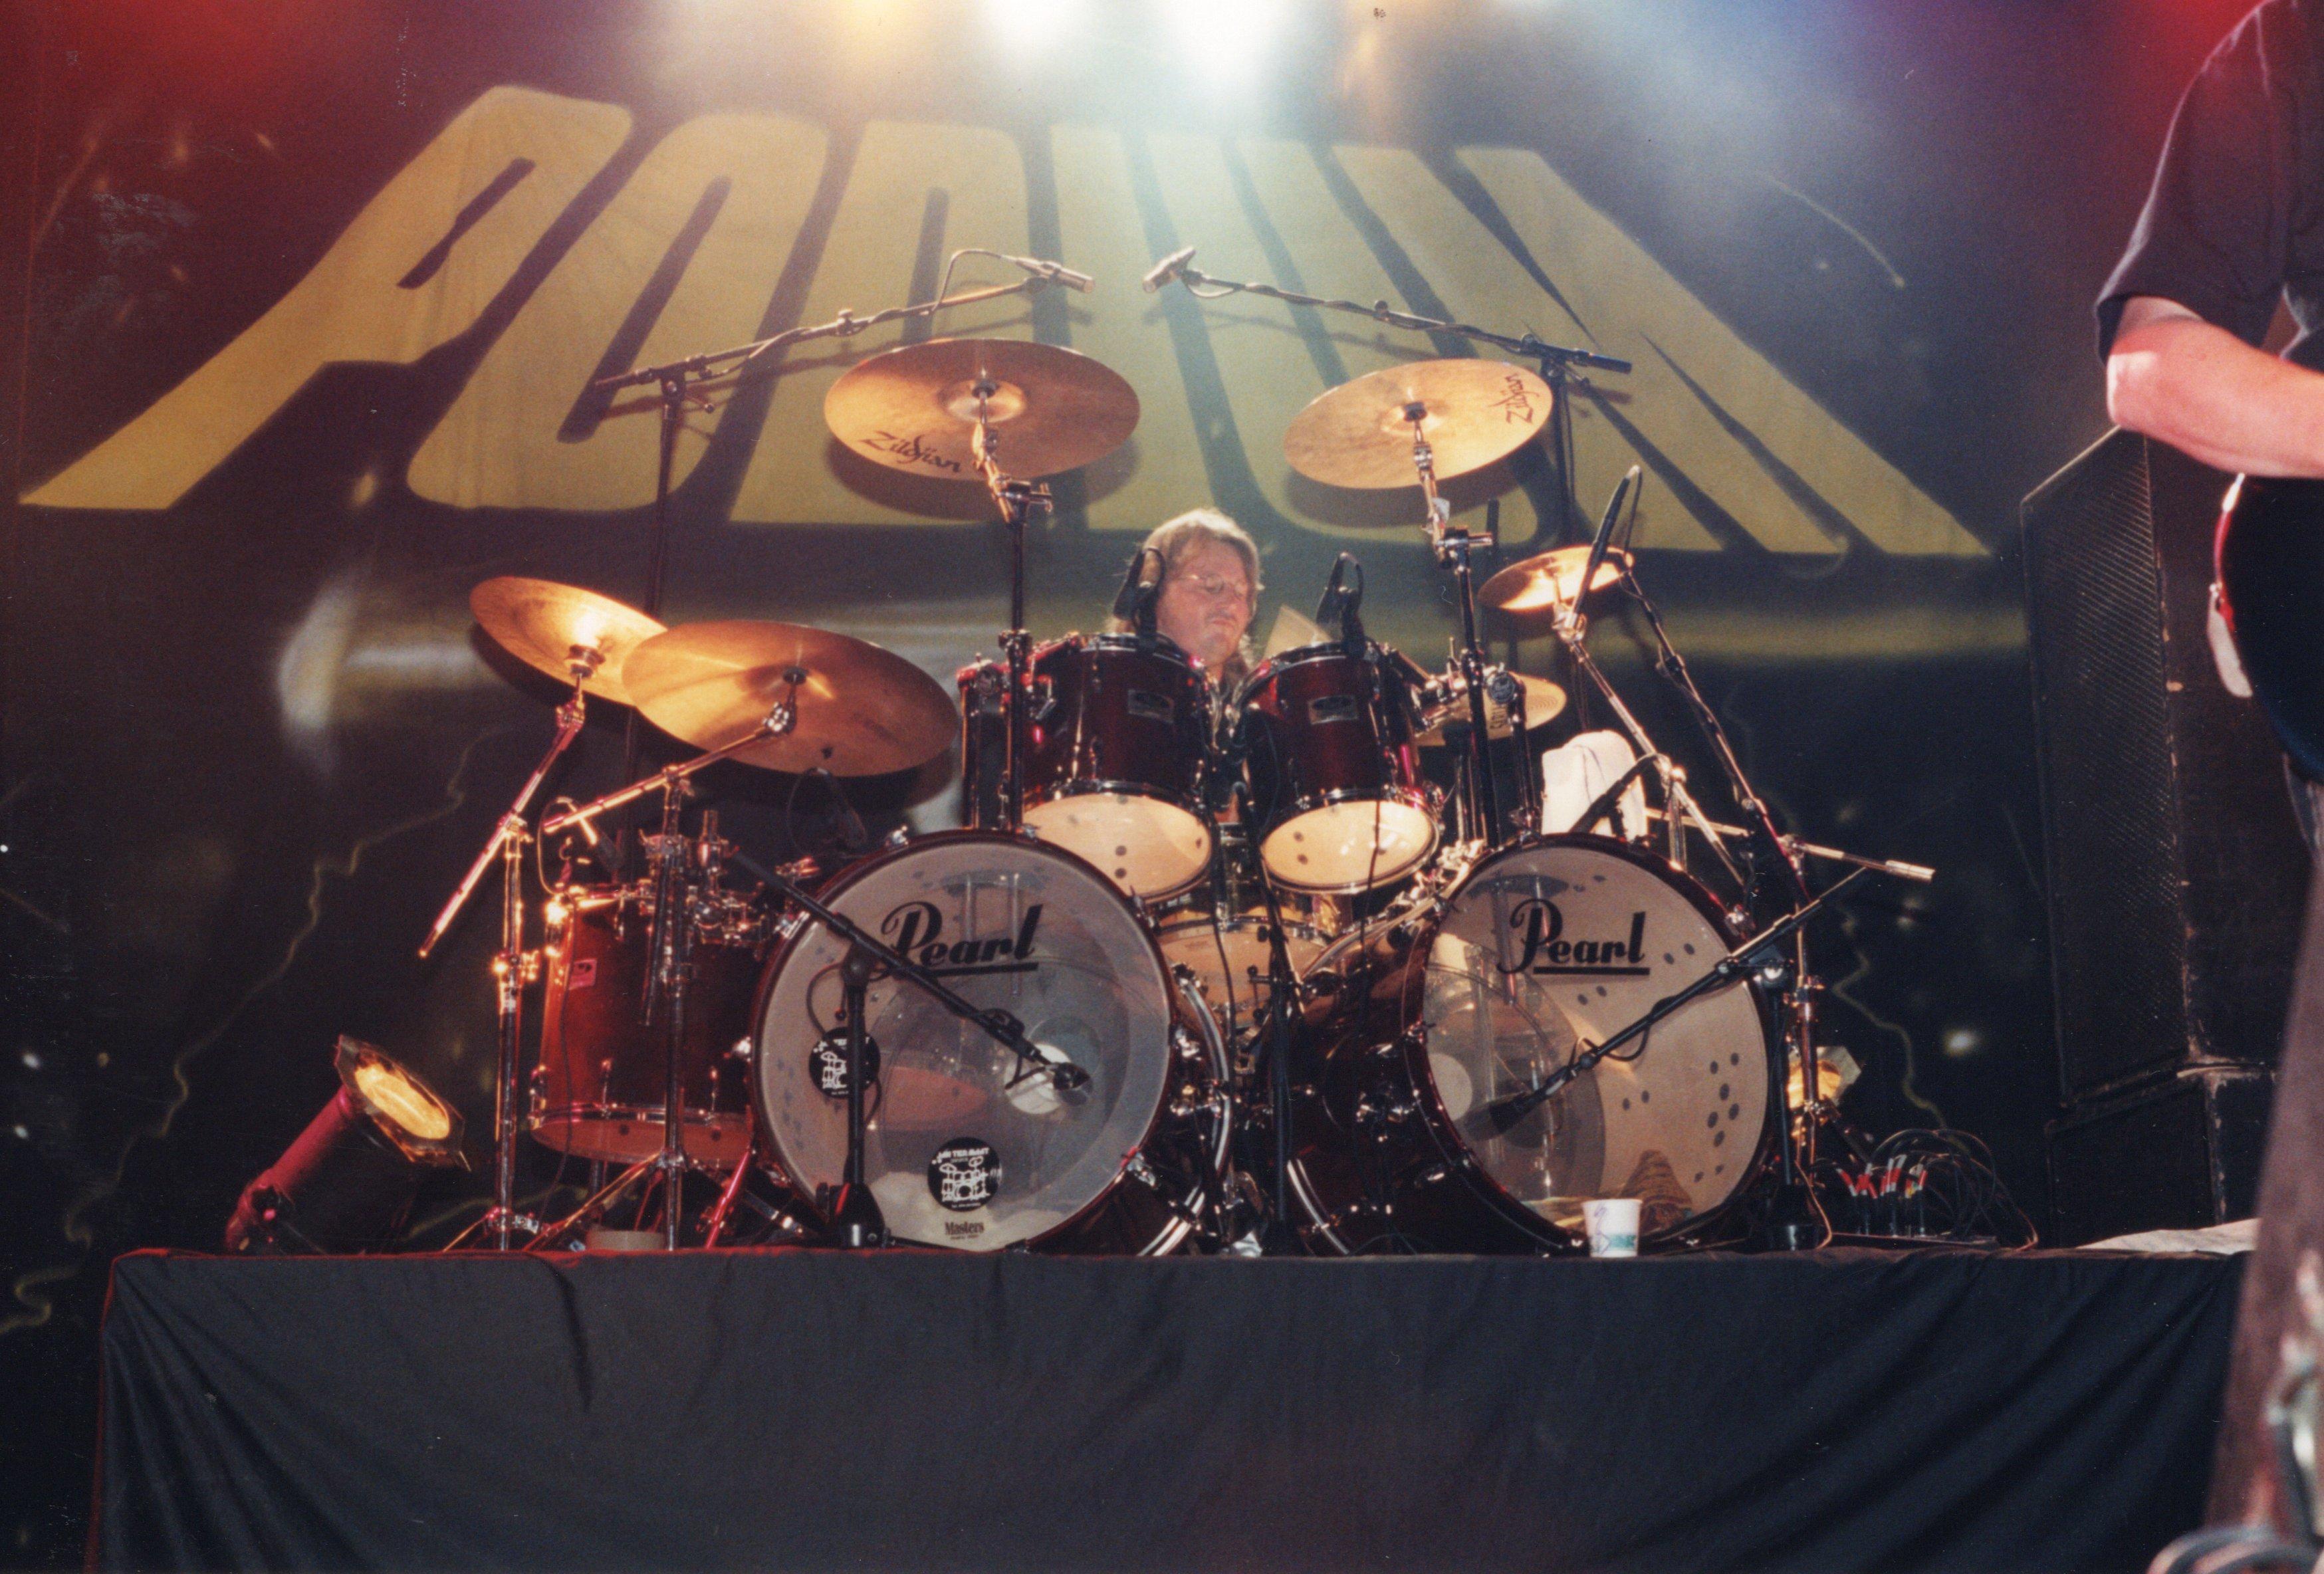 Sam Dice drummer: Harry Ekkel